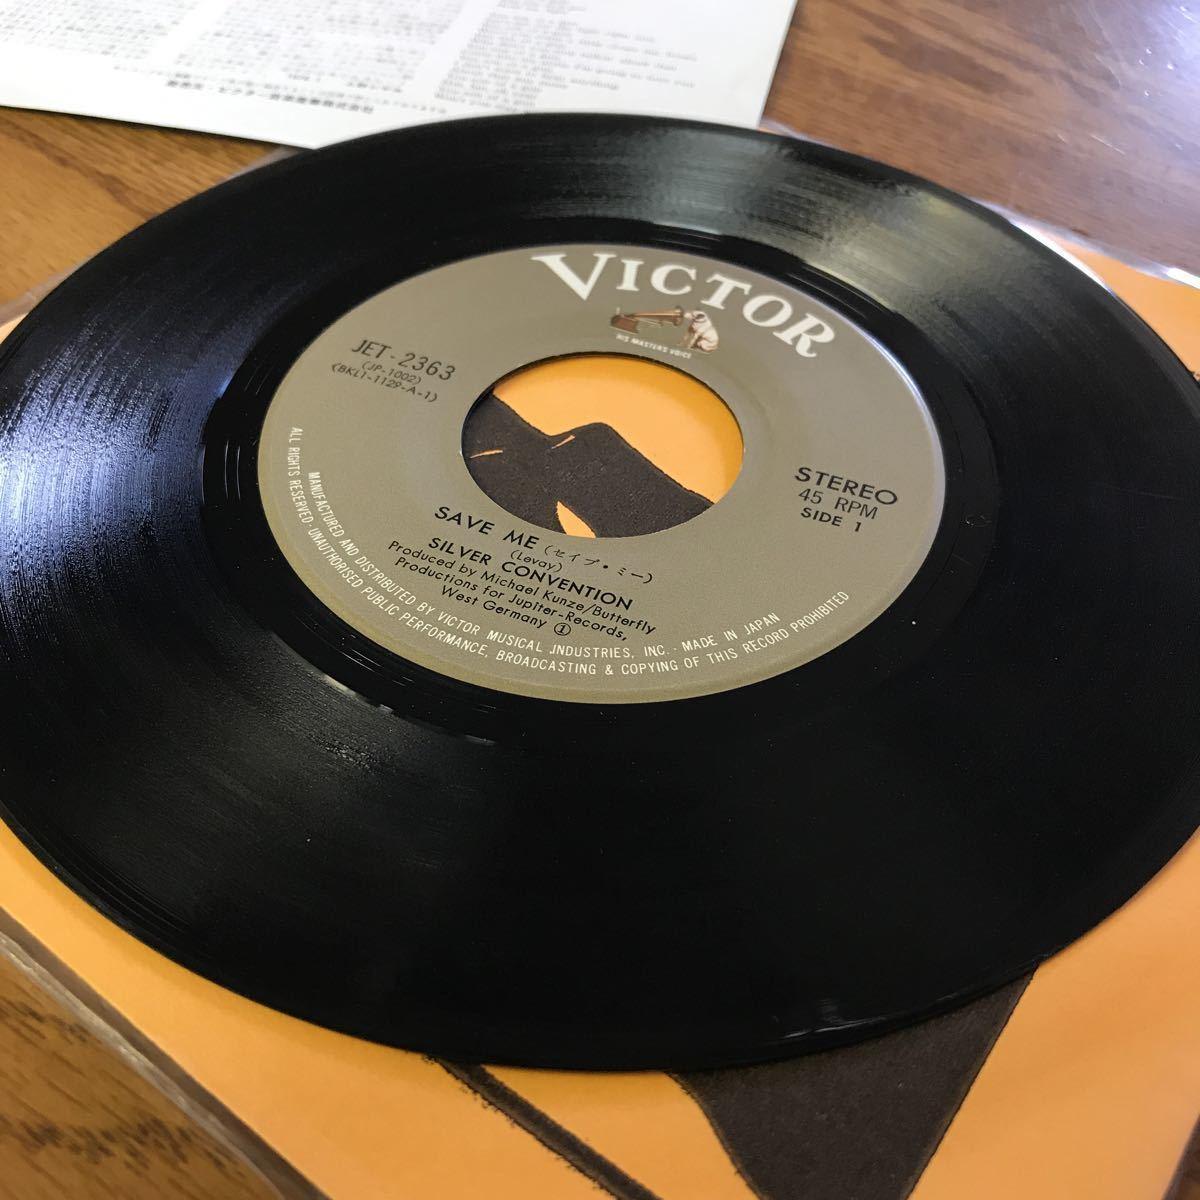 ◆No.4625 ♪おんがくや♪【EP】レコード セイブ・ミー/シルバー・コンベンション